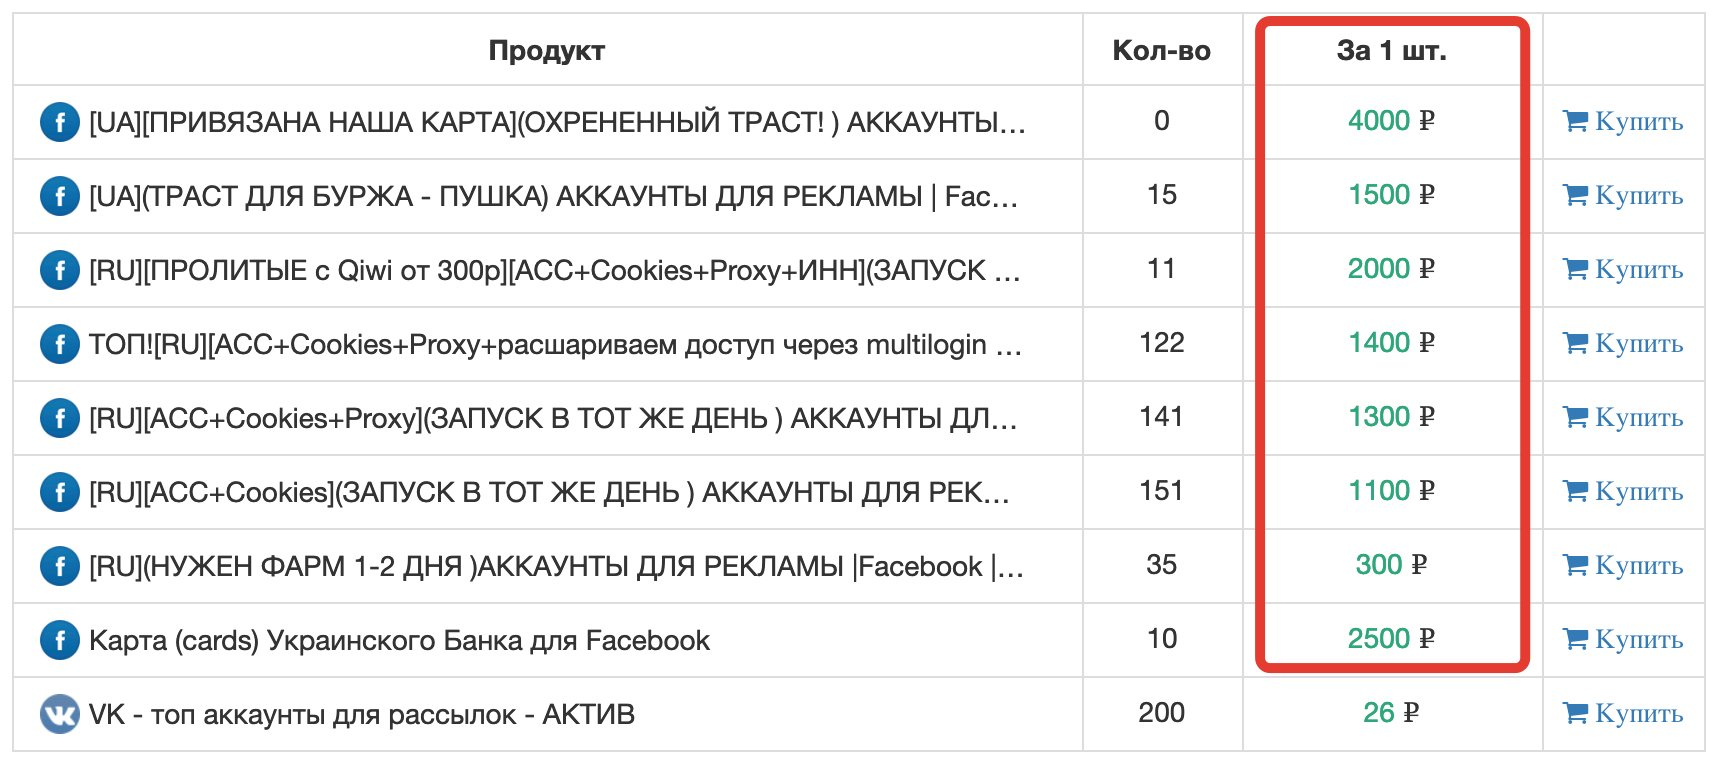 Стоимость аккаунтов Facebook в магазине